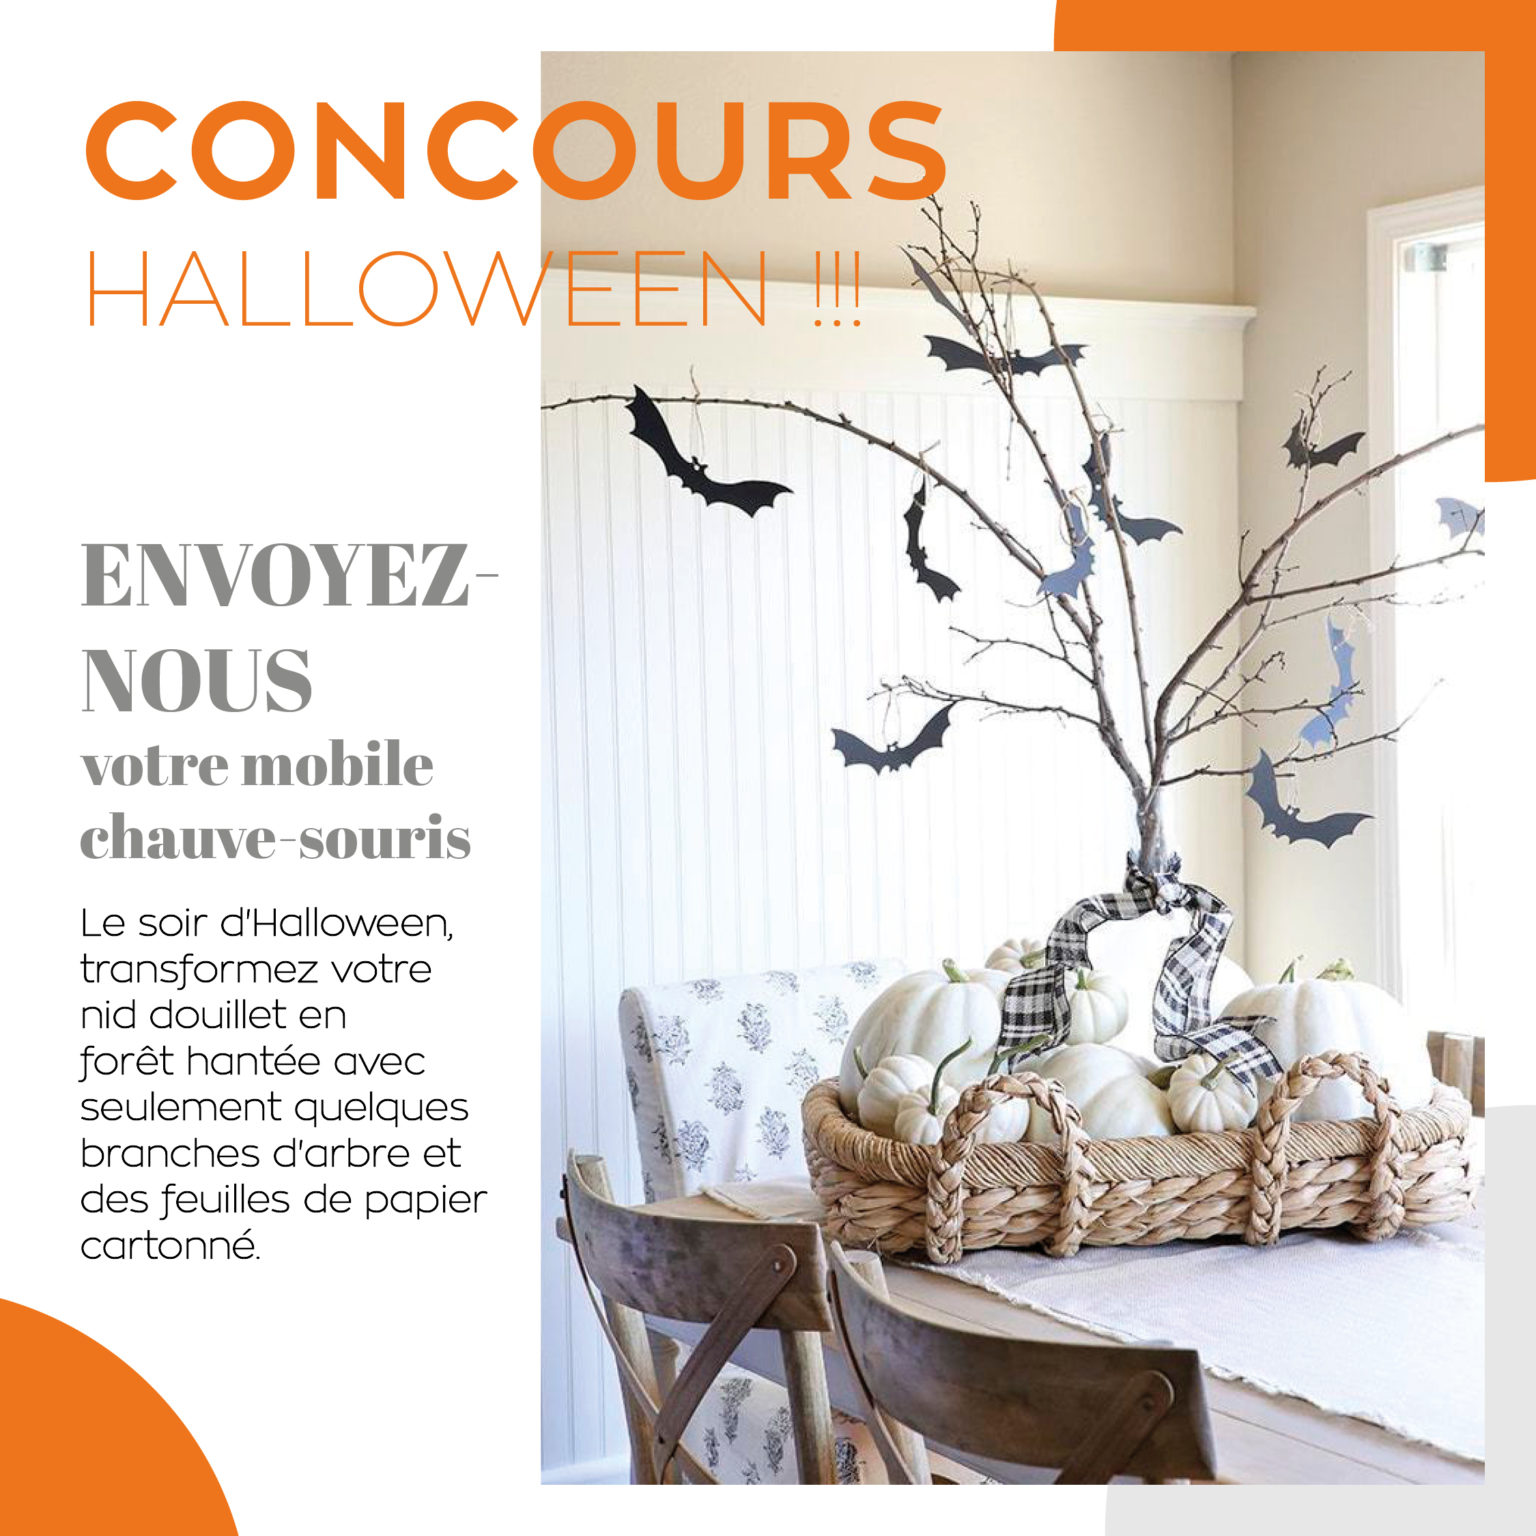 CONCOURS HALLOWEEN - MOBILE CHAUVE-SOURIS